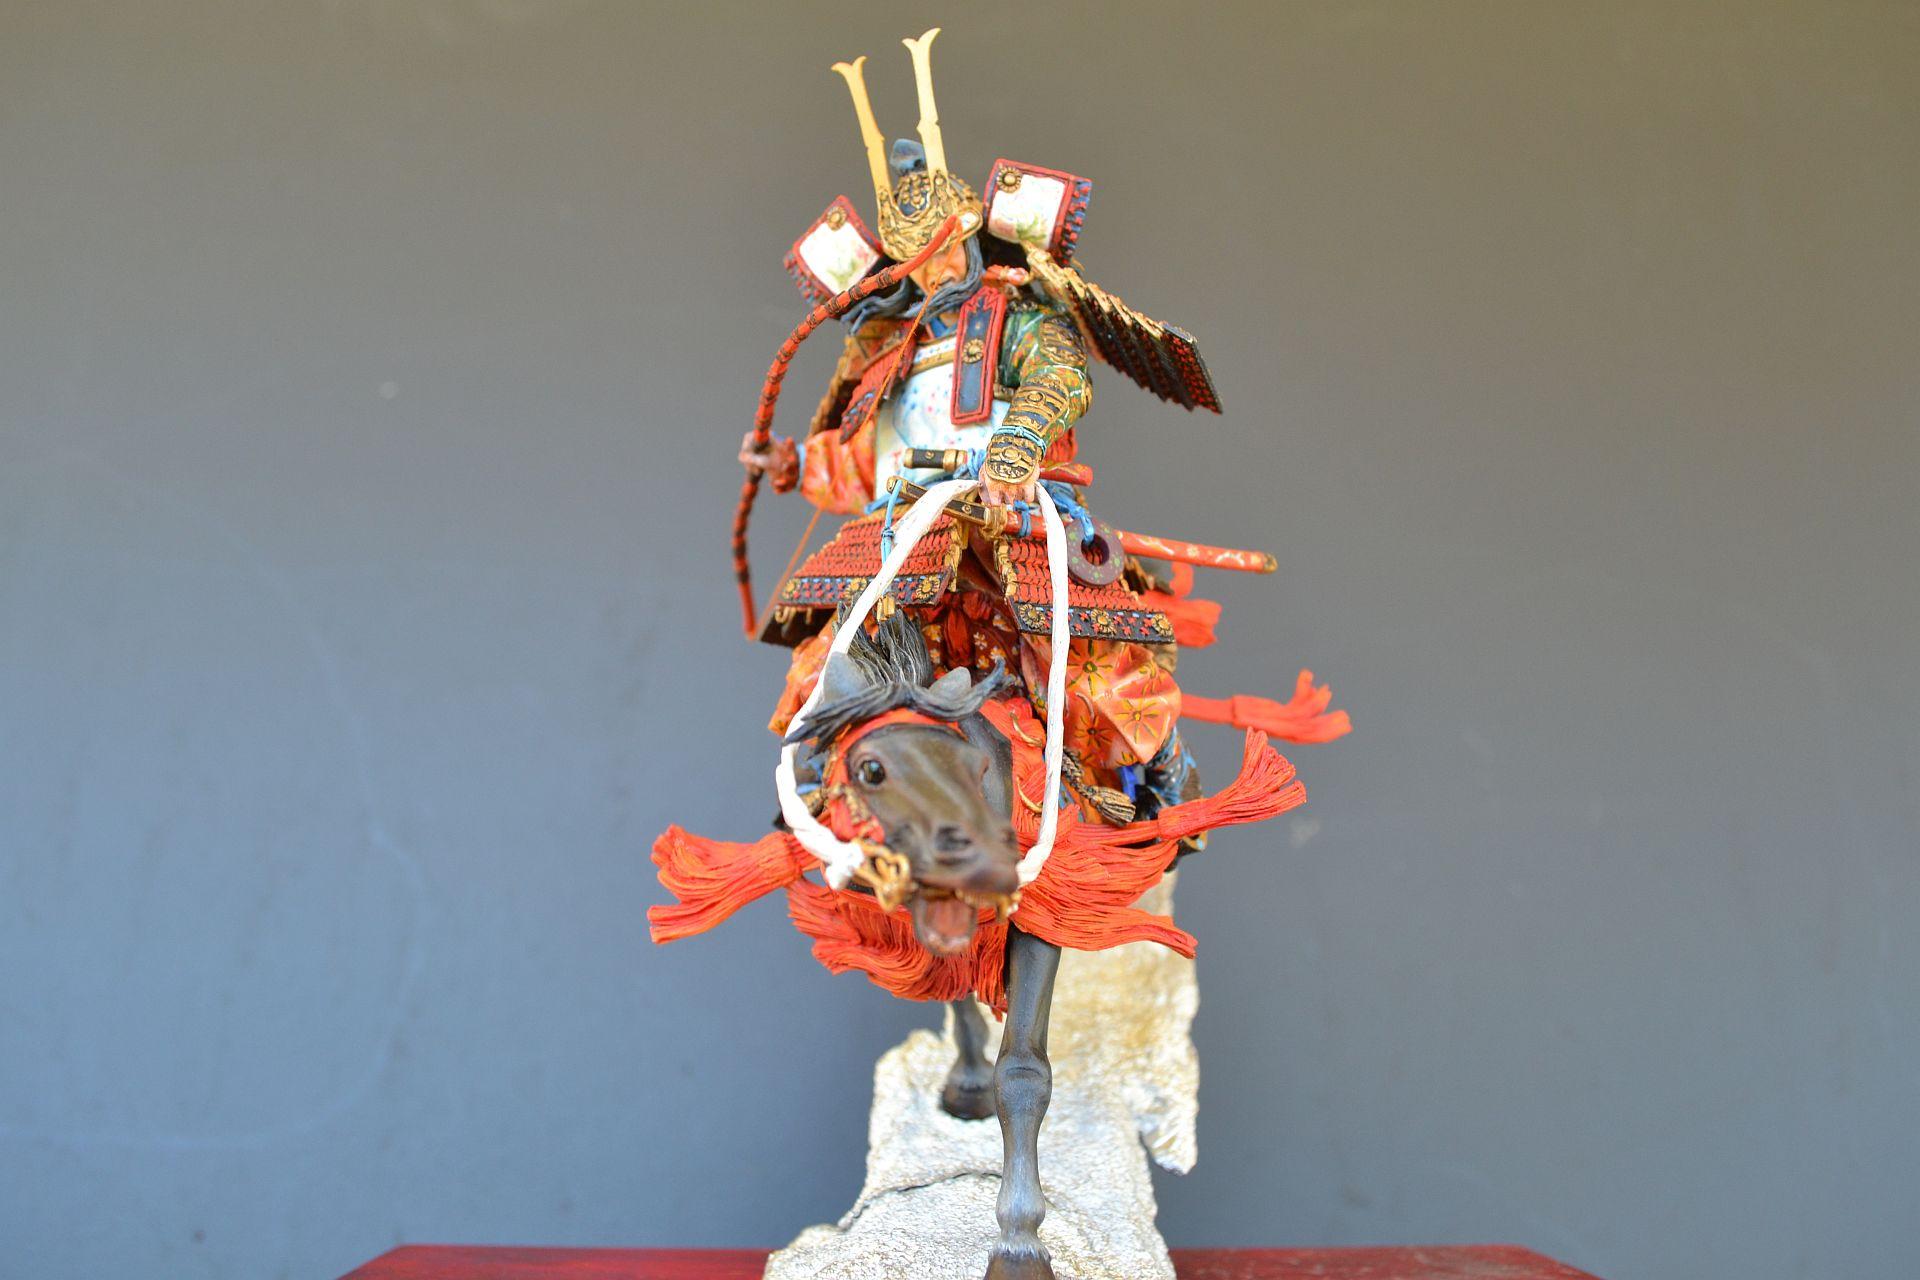 figurine pegaso - samouraï 90 mm - Page 3 160824023715977707